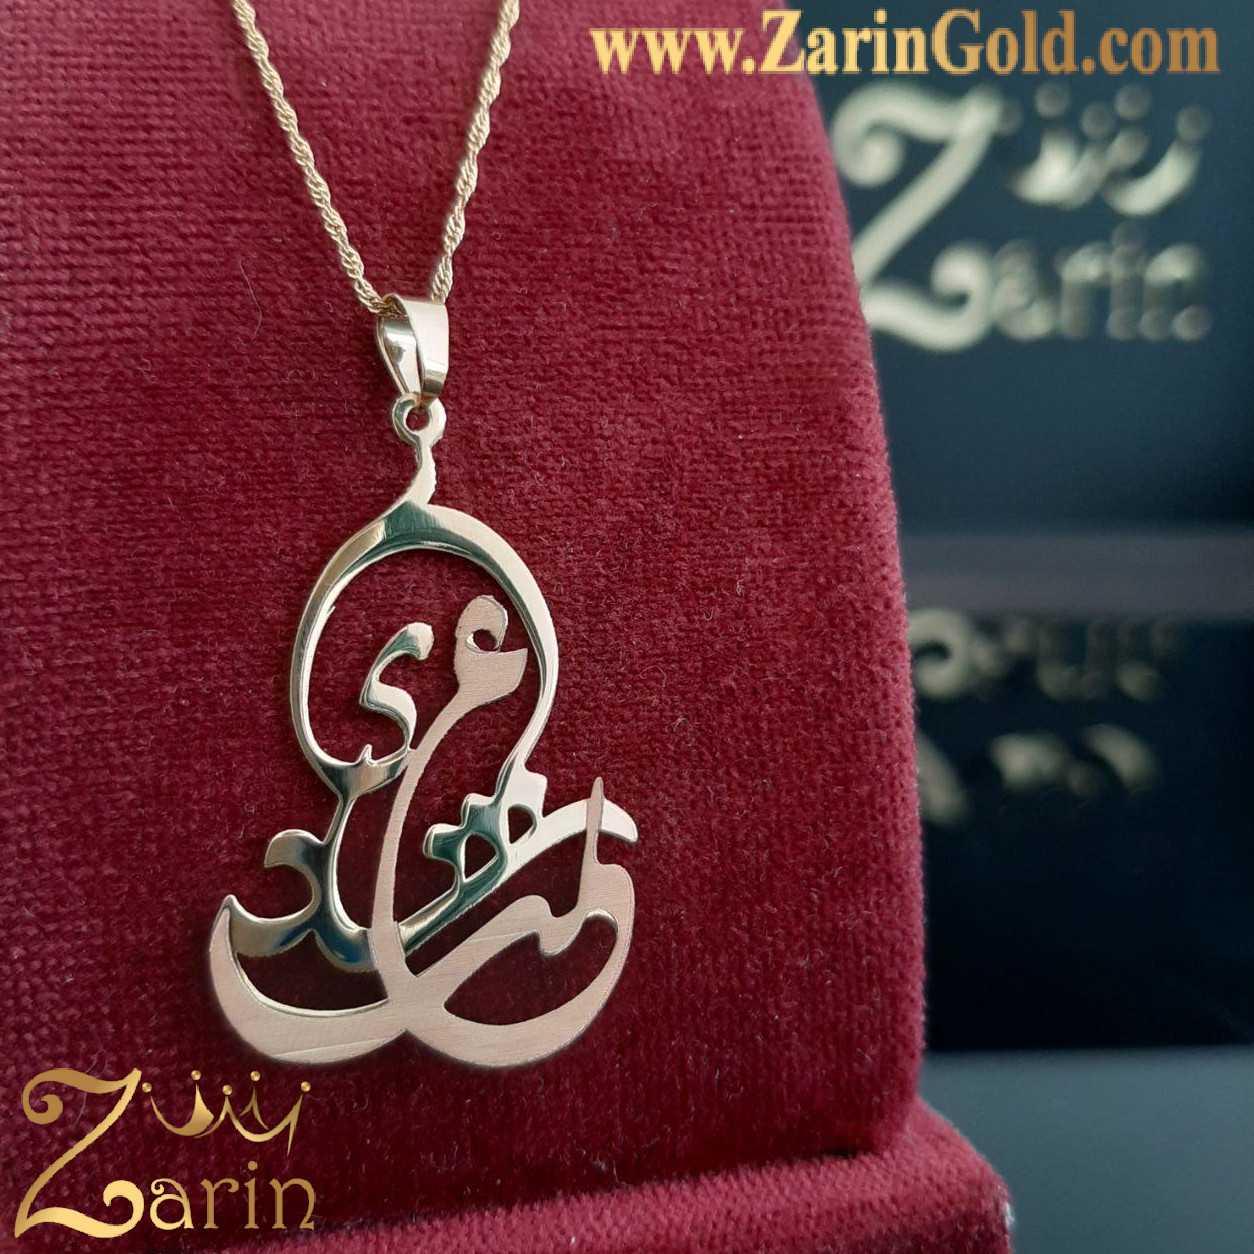 گردنبند طلا دو اسم ترکیبی علی شادی